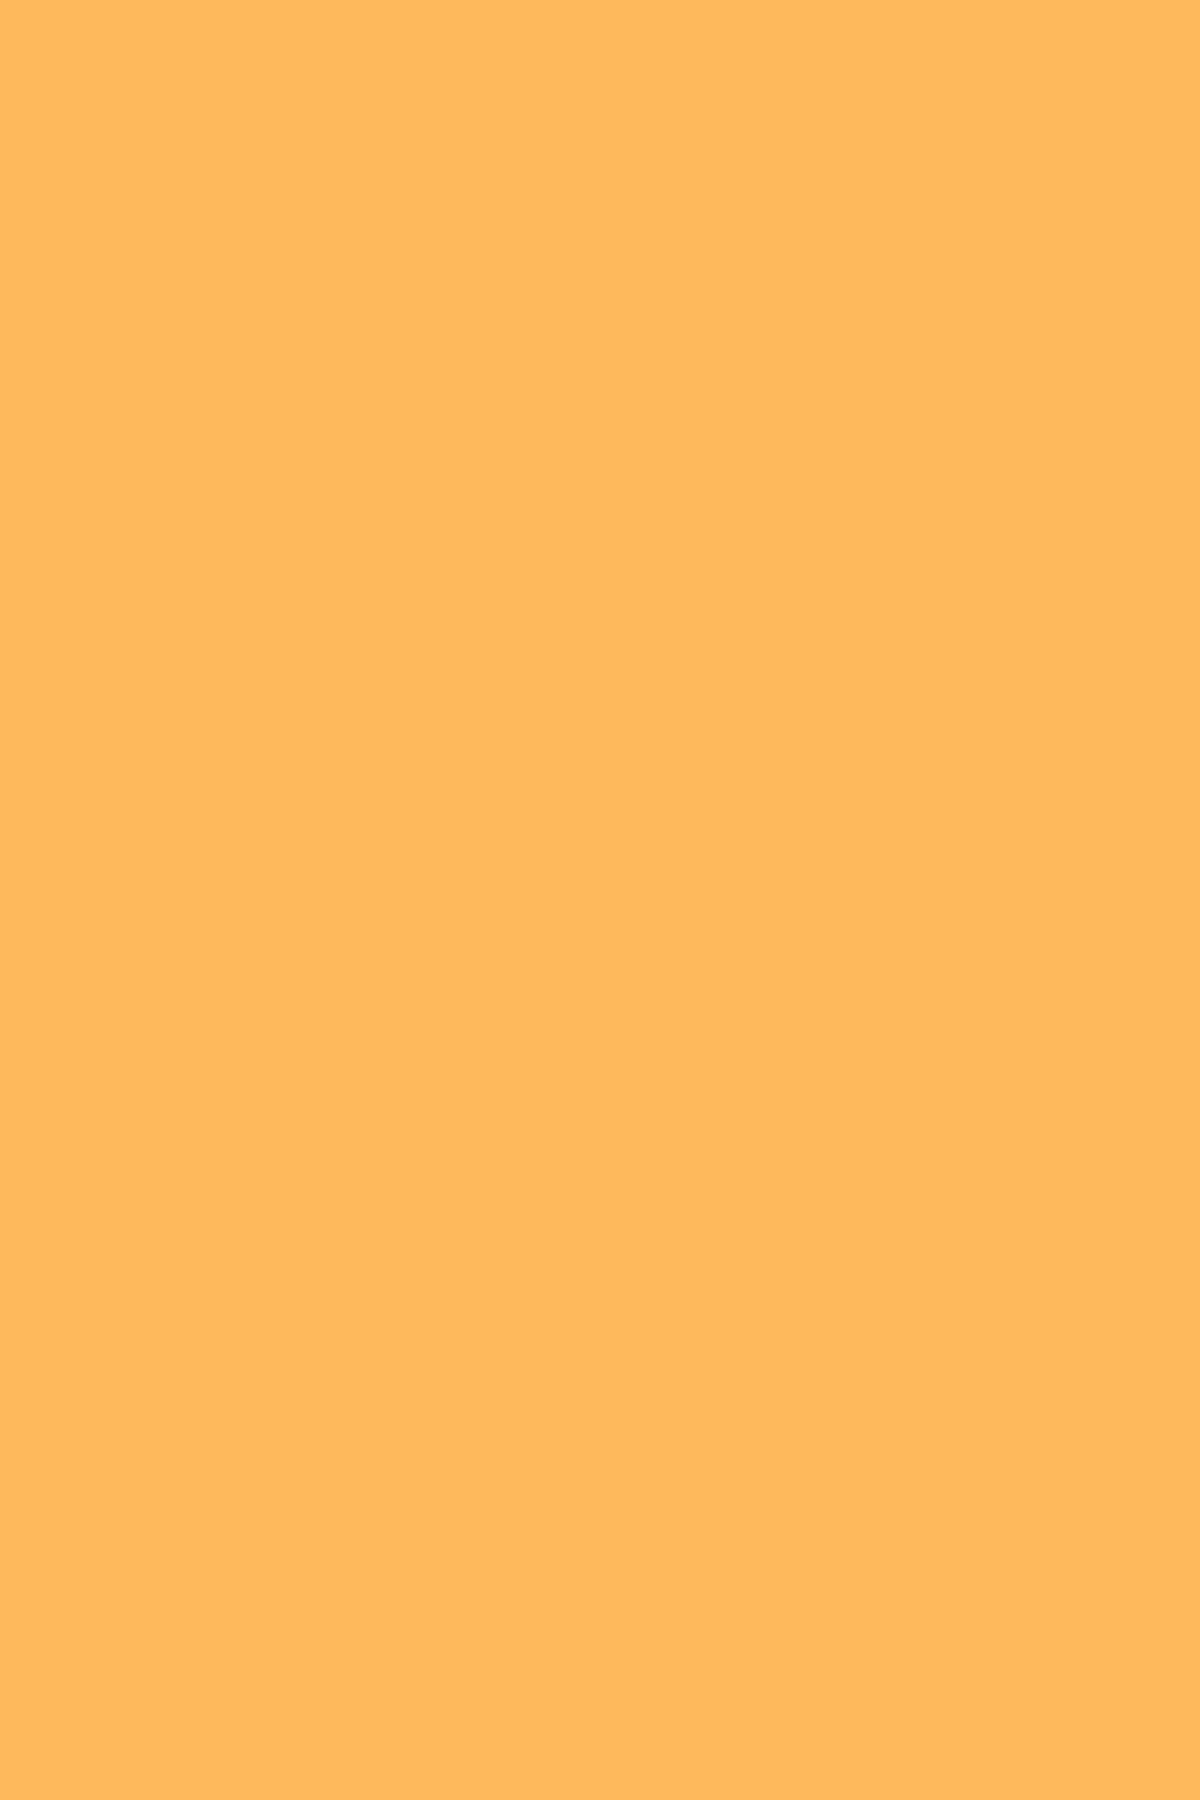 Rukia Kuchiki Minimum Maniax File 1